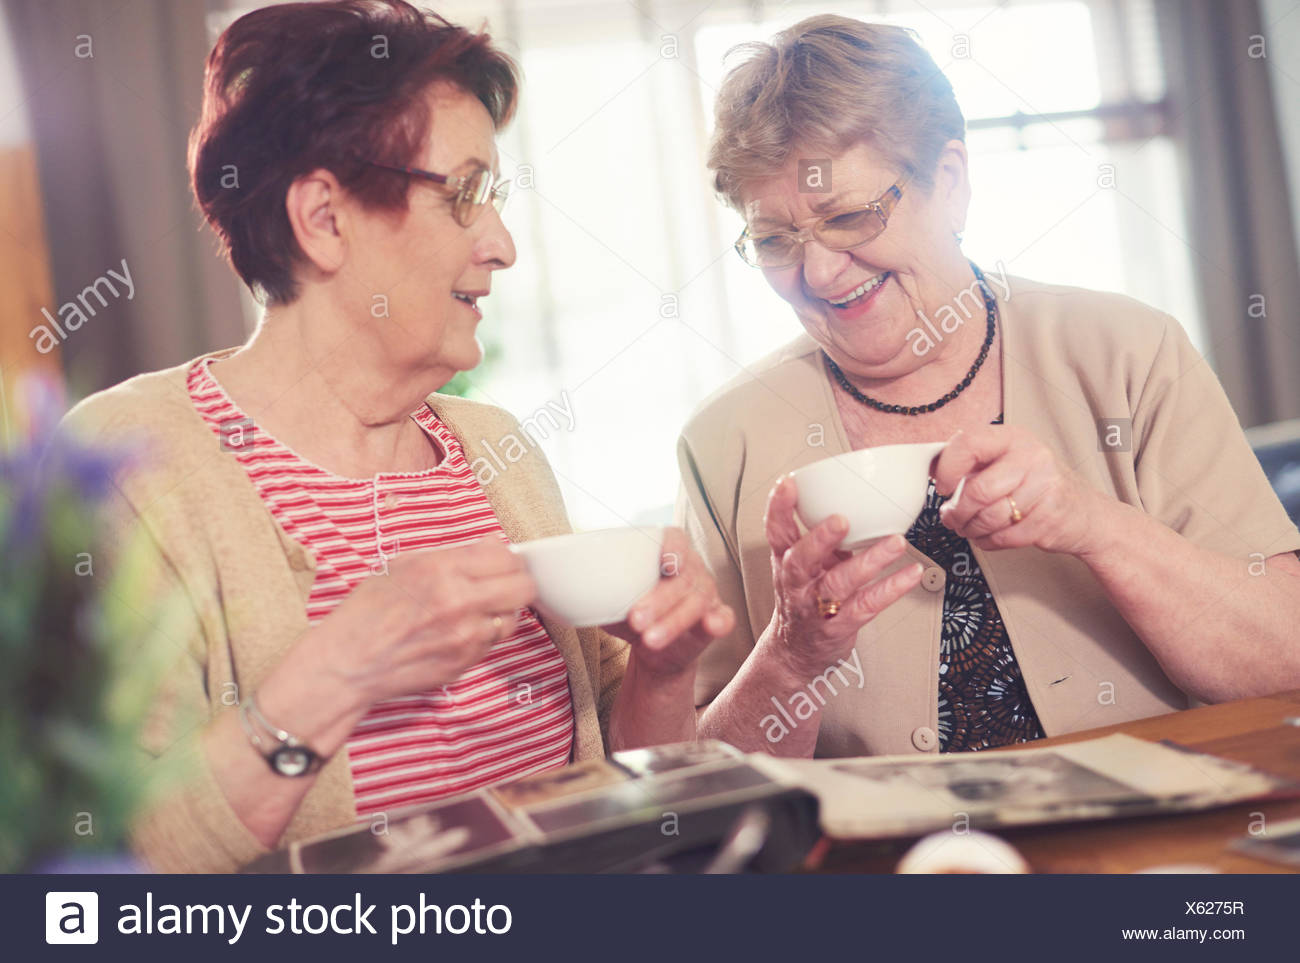 Dos mujeres mayores riendo mientras mira el álbum de fotos sobre la mesa Foto de stock